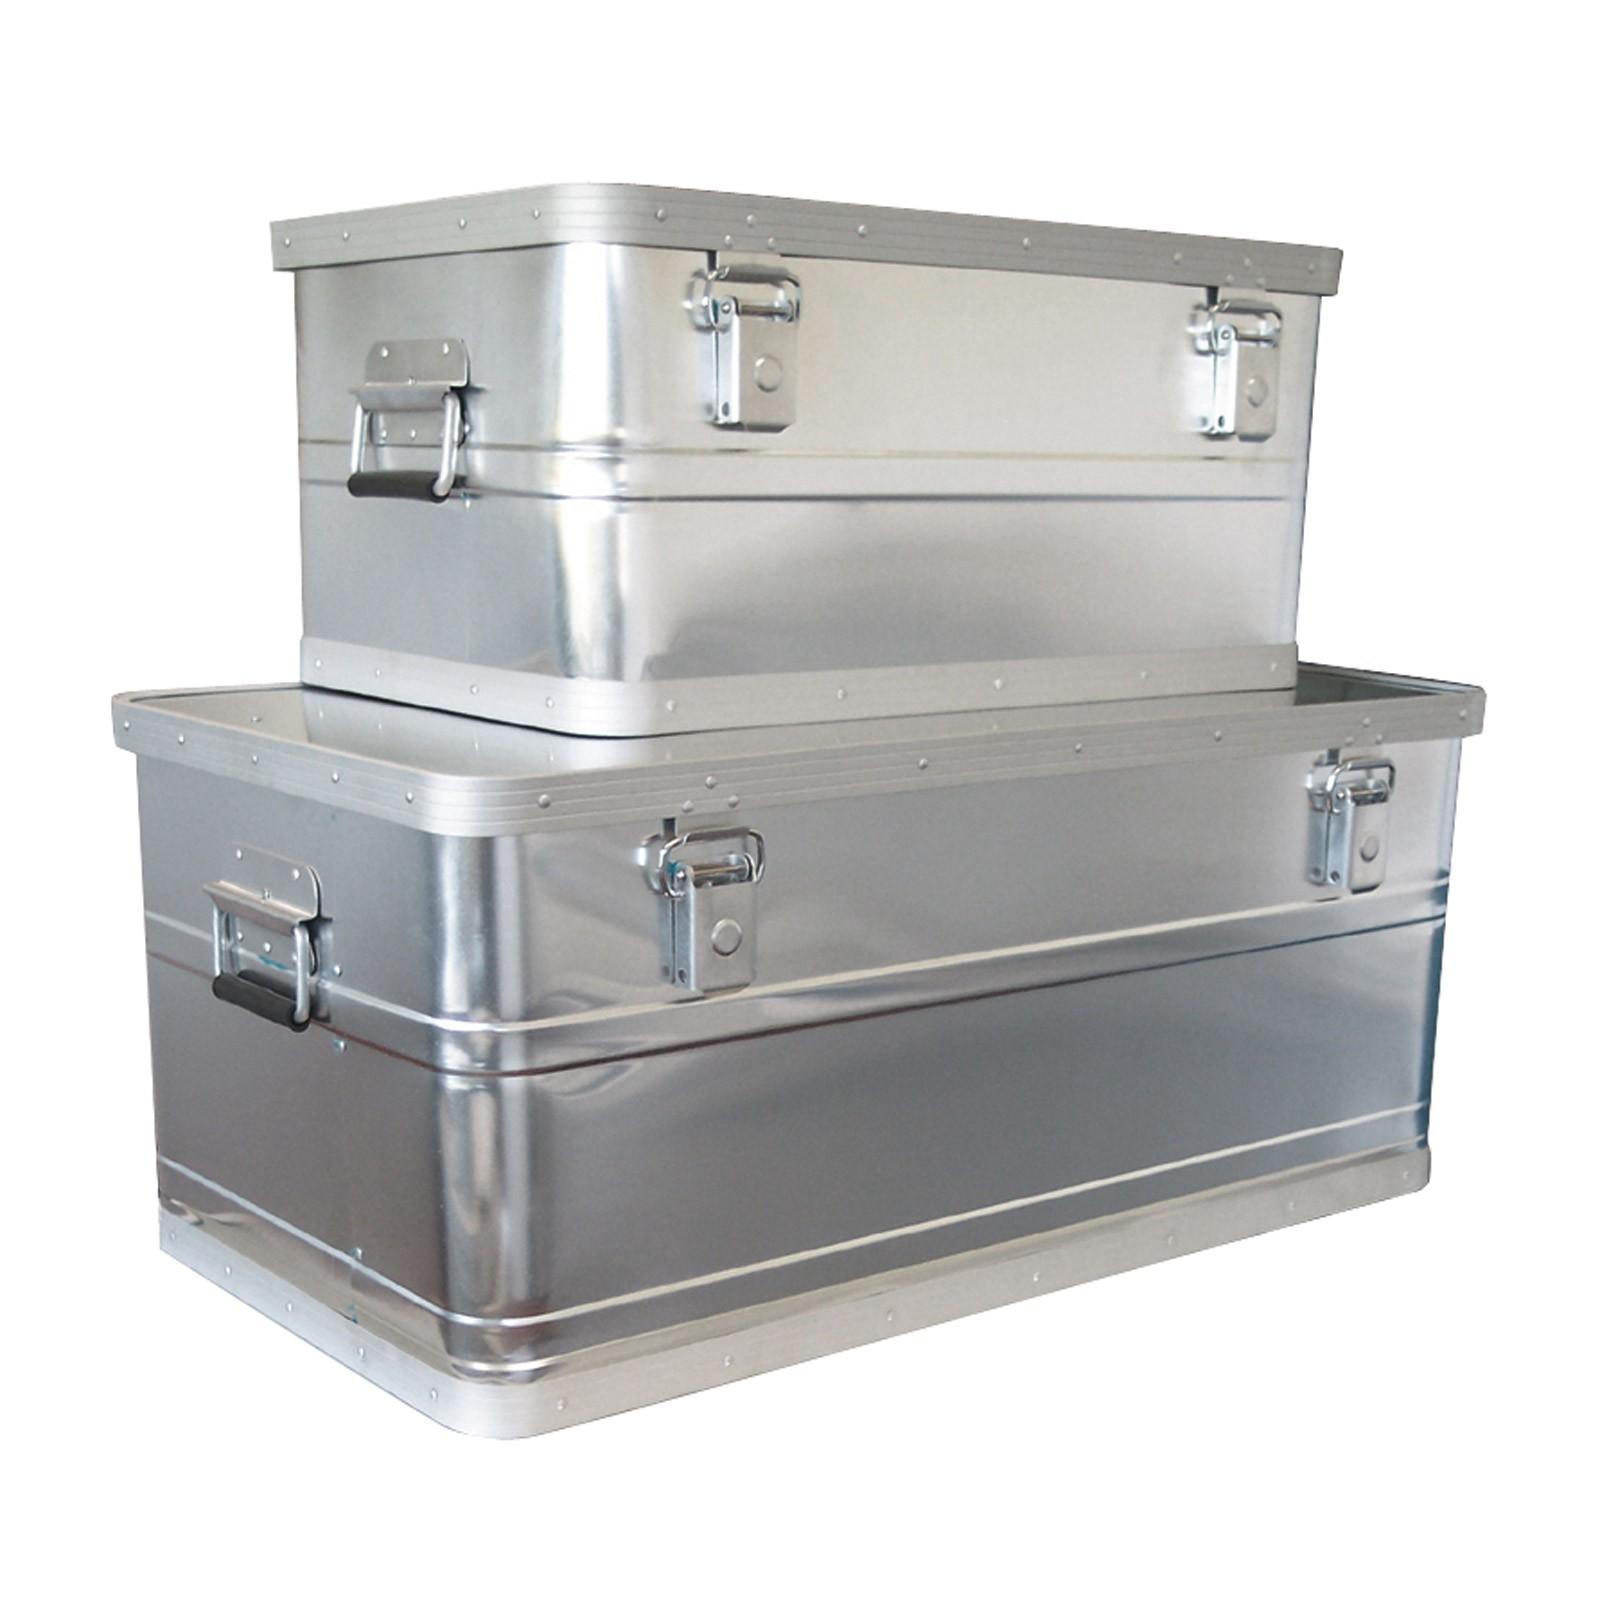 2er set werkzeugkiste werkzeugkasten alu box alukiste neu. Black Bedroom Furniture Sets. Home Design Ideas